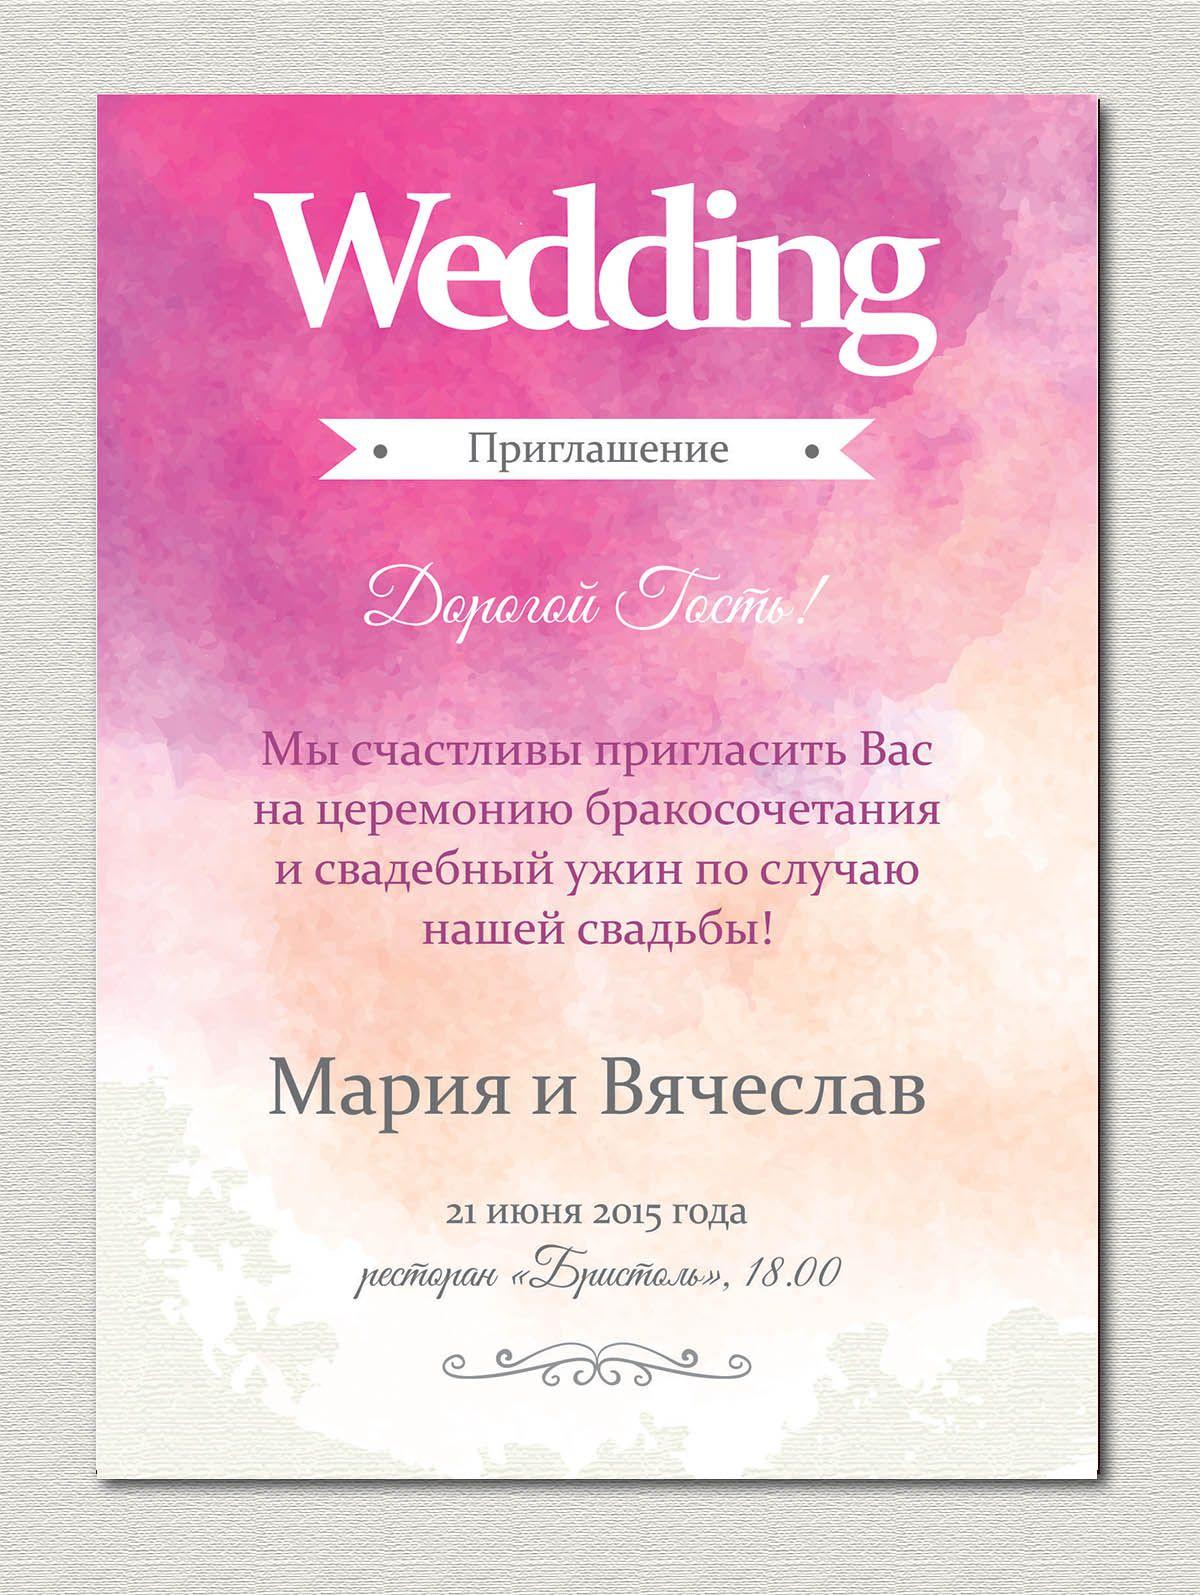 Шаблоны для фотосессии на свадьбу скачать бесплатно